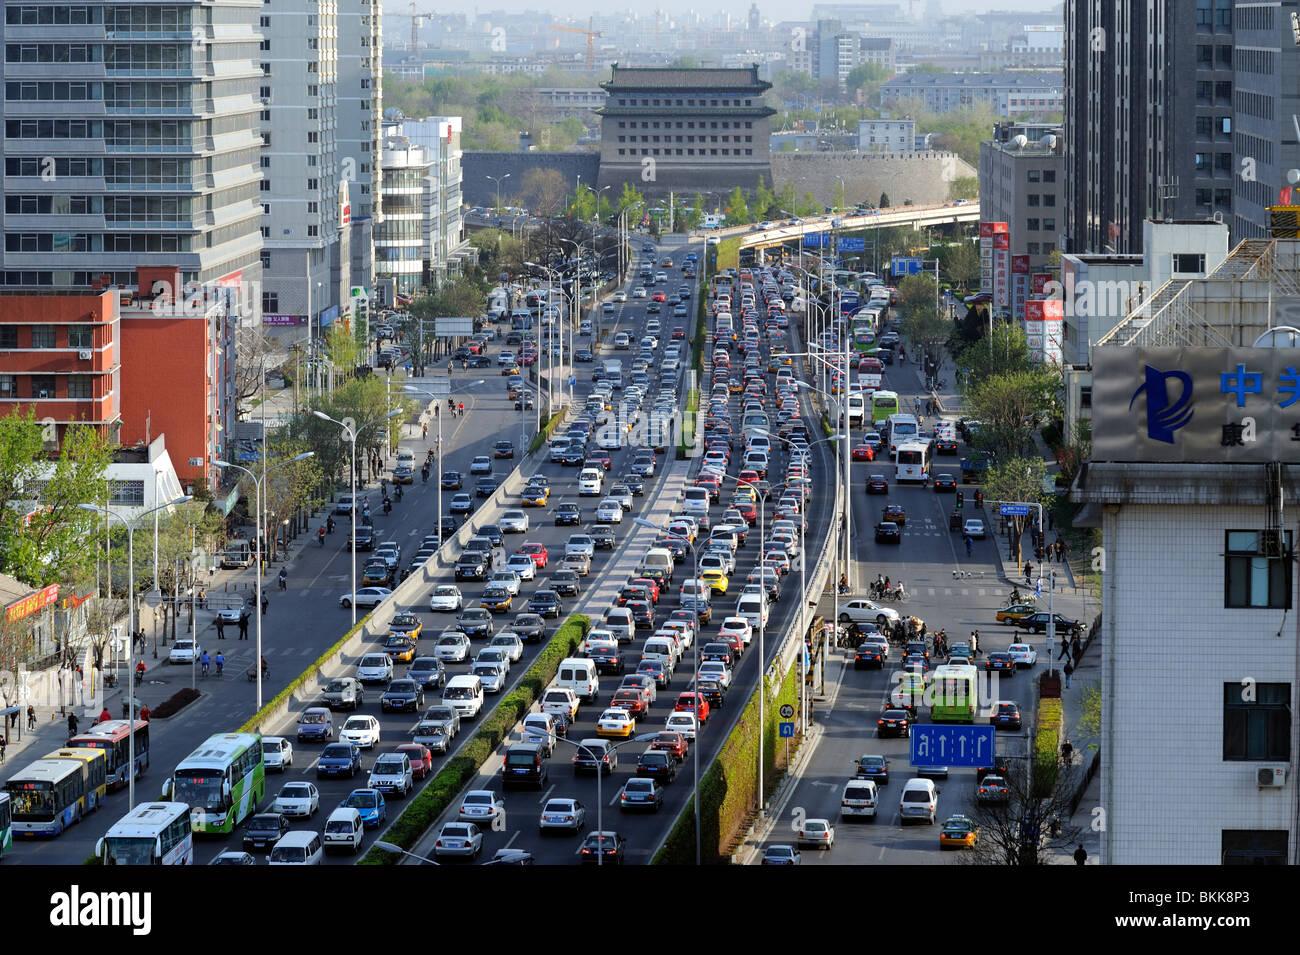 Peor atasco de tráfico en el centro de Beijing, China. 30-Apr-2010 Imagen De Stock